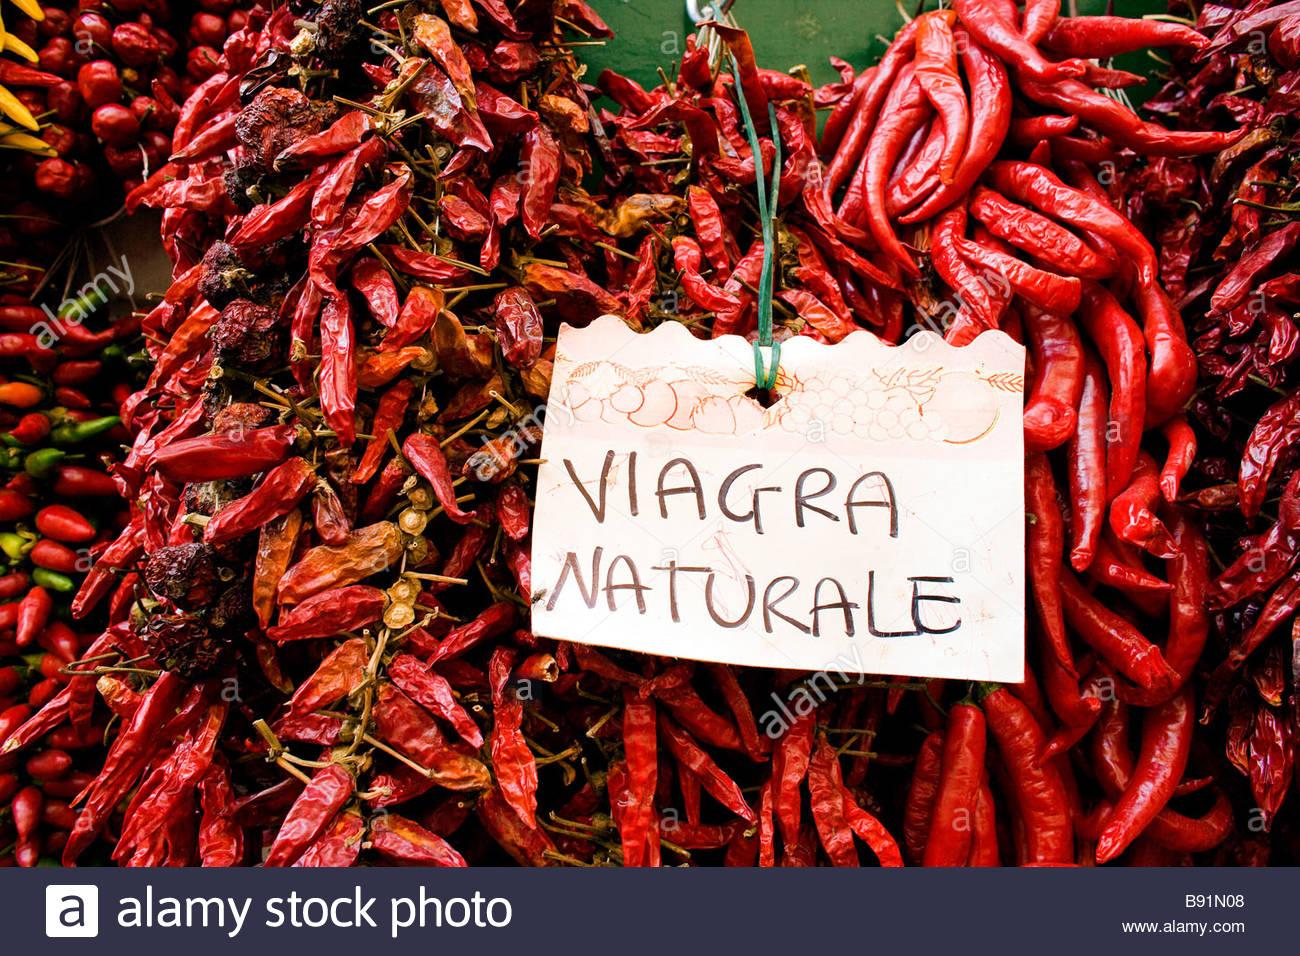 Viagra Success Stories